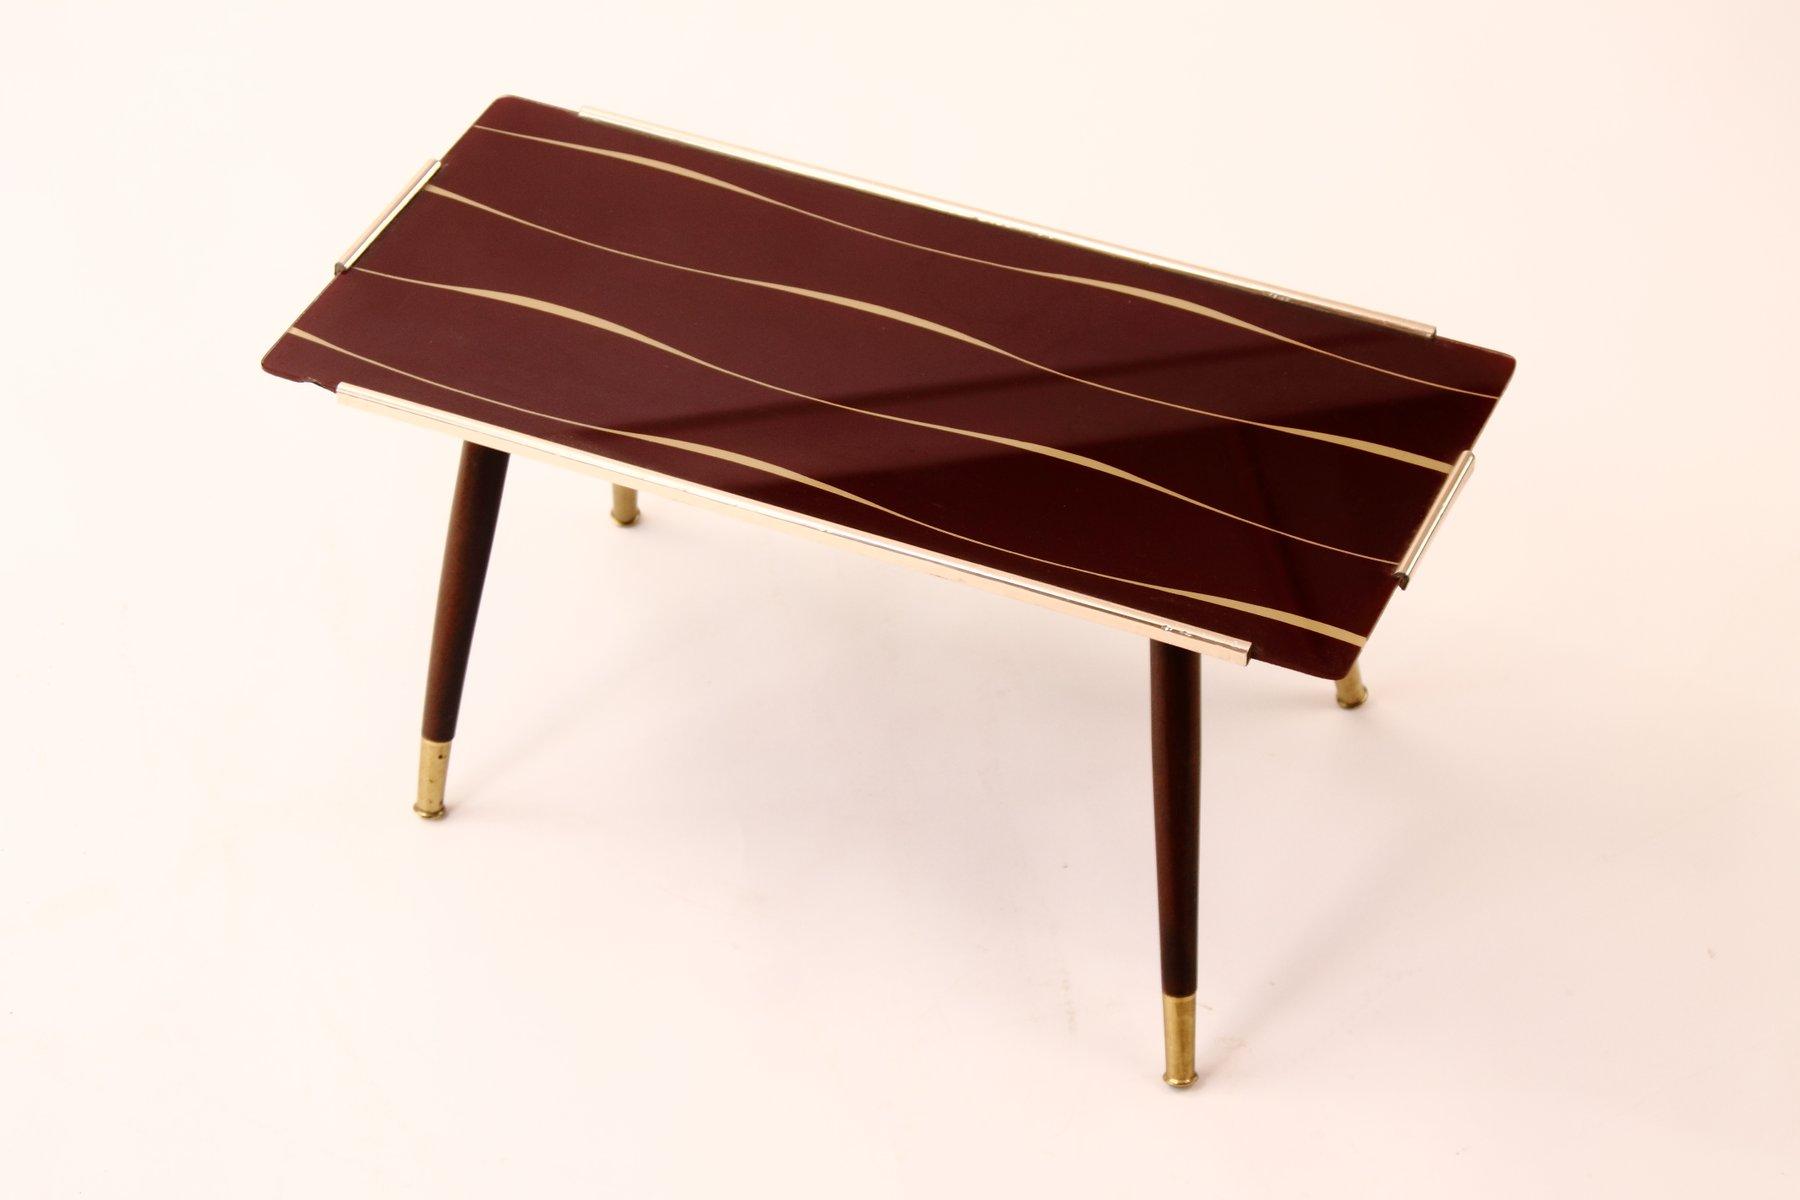 beistelltisch mit bedruckter glasplatte 1950er bei pamono kaufen. Black Bedroom Furniture Sets. Home Design Ideas